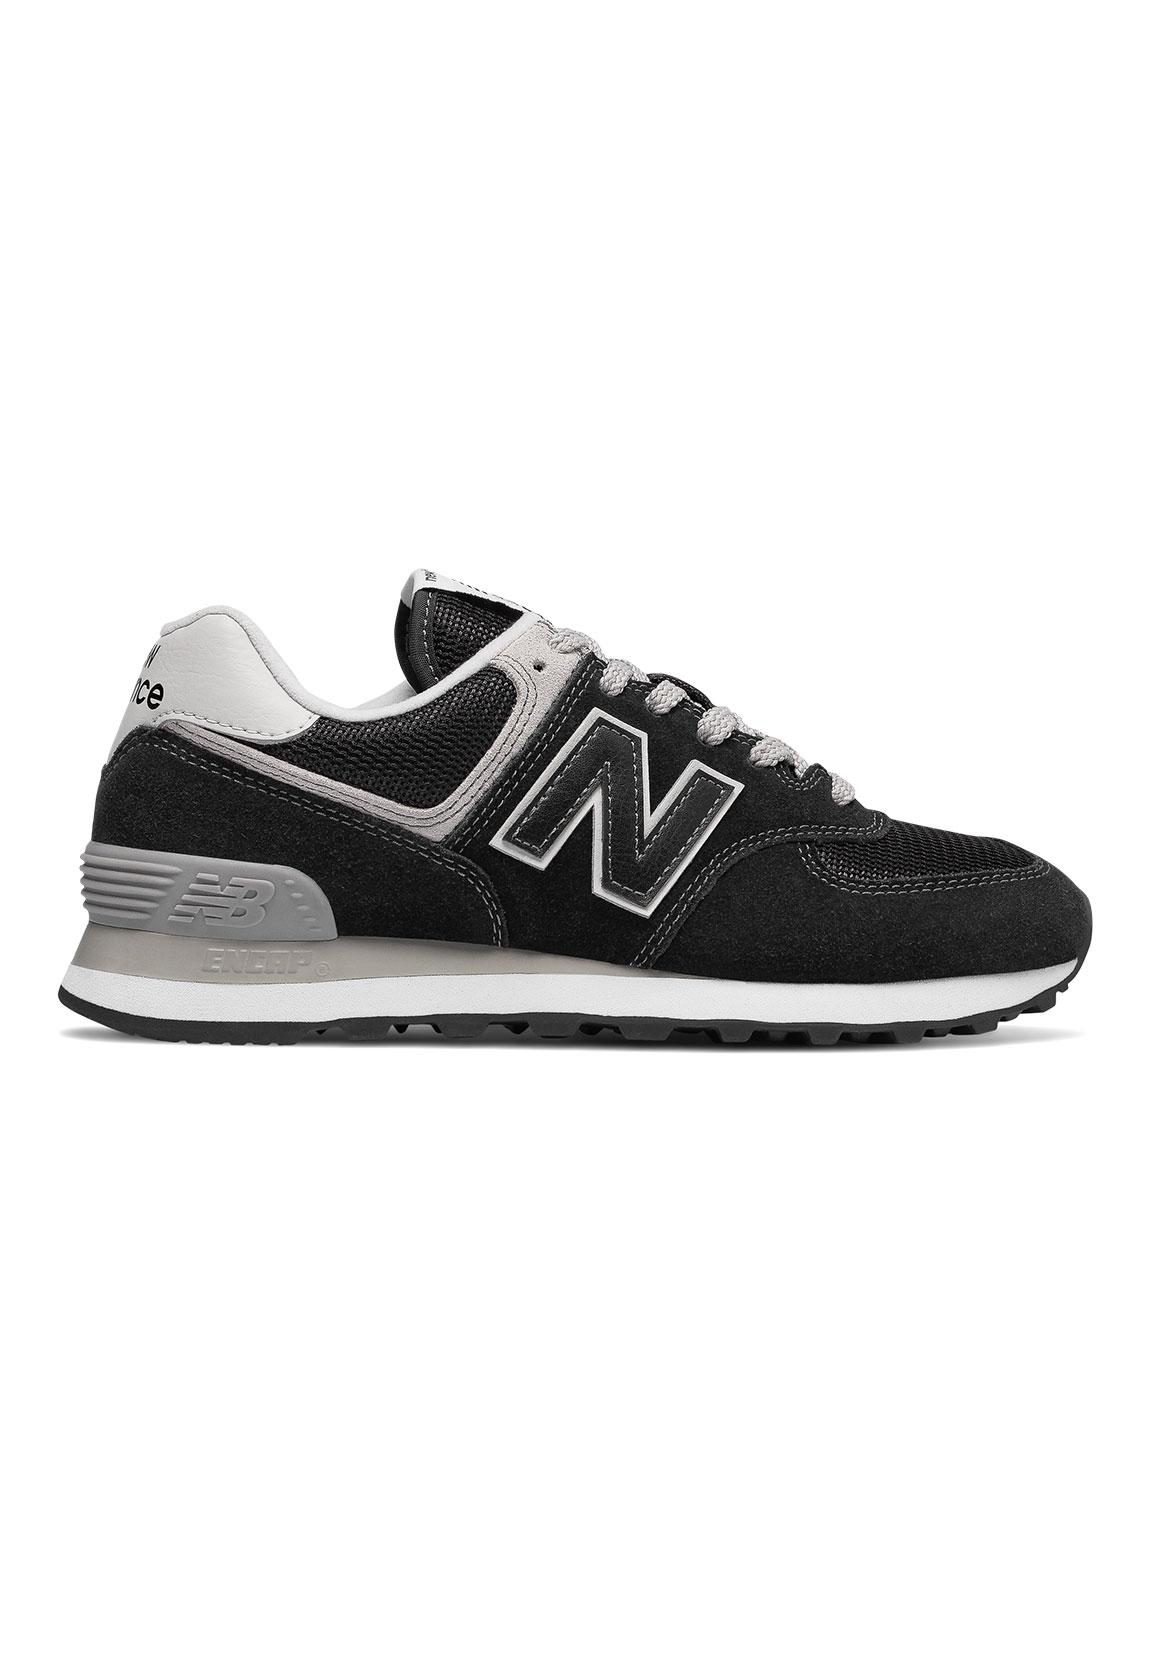 New Balance WL 574 EB Schuhe